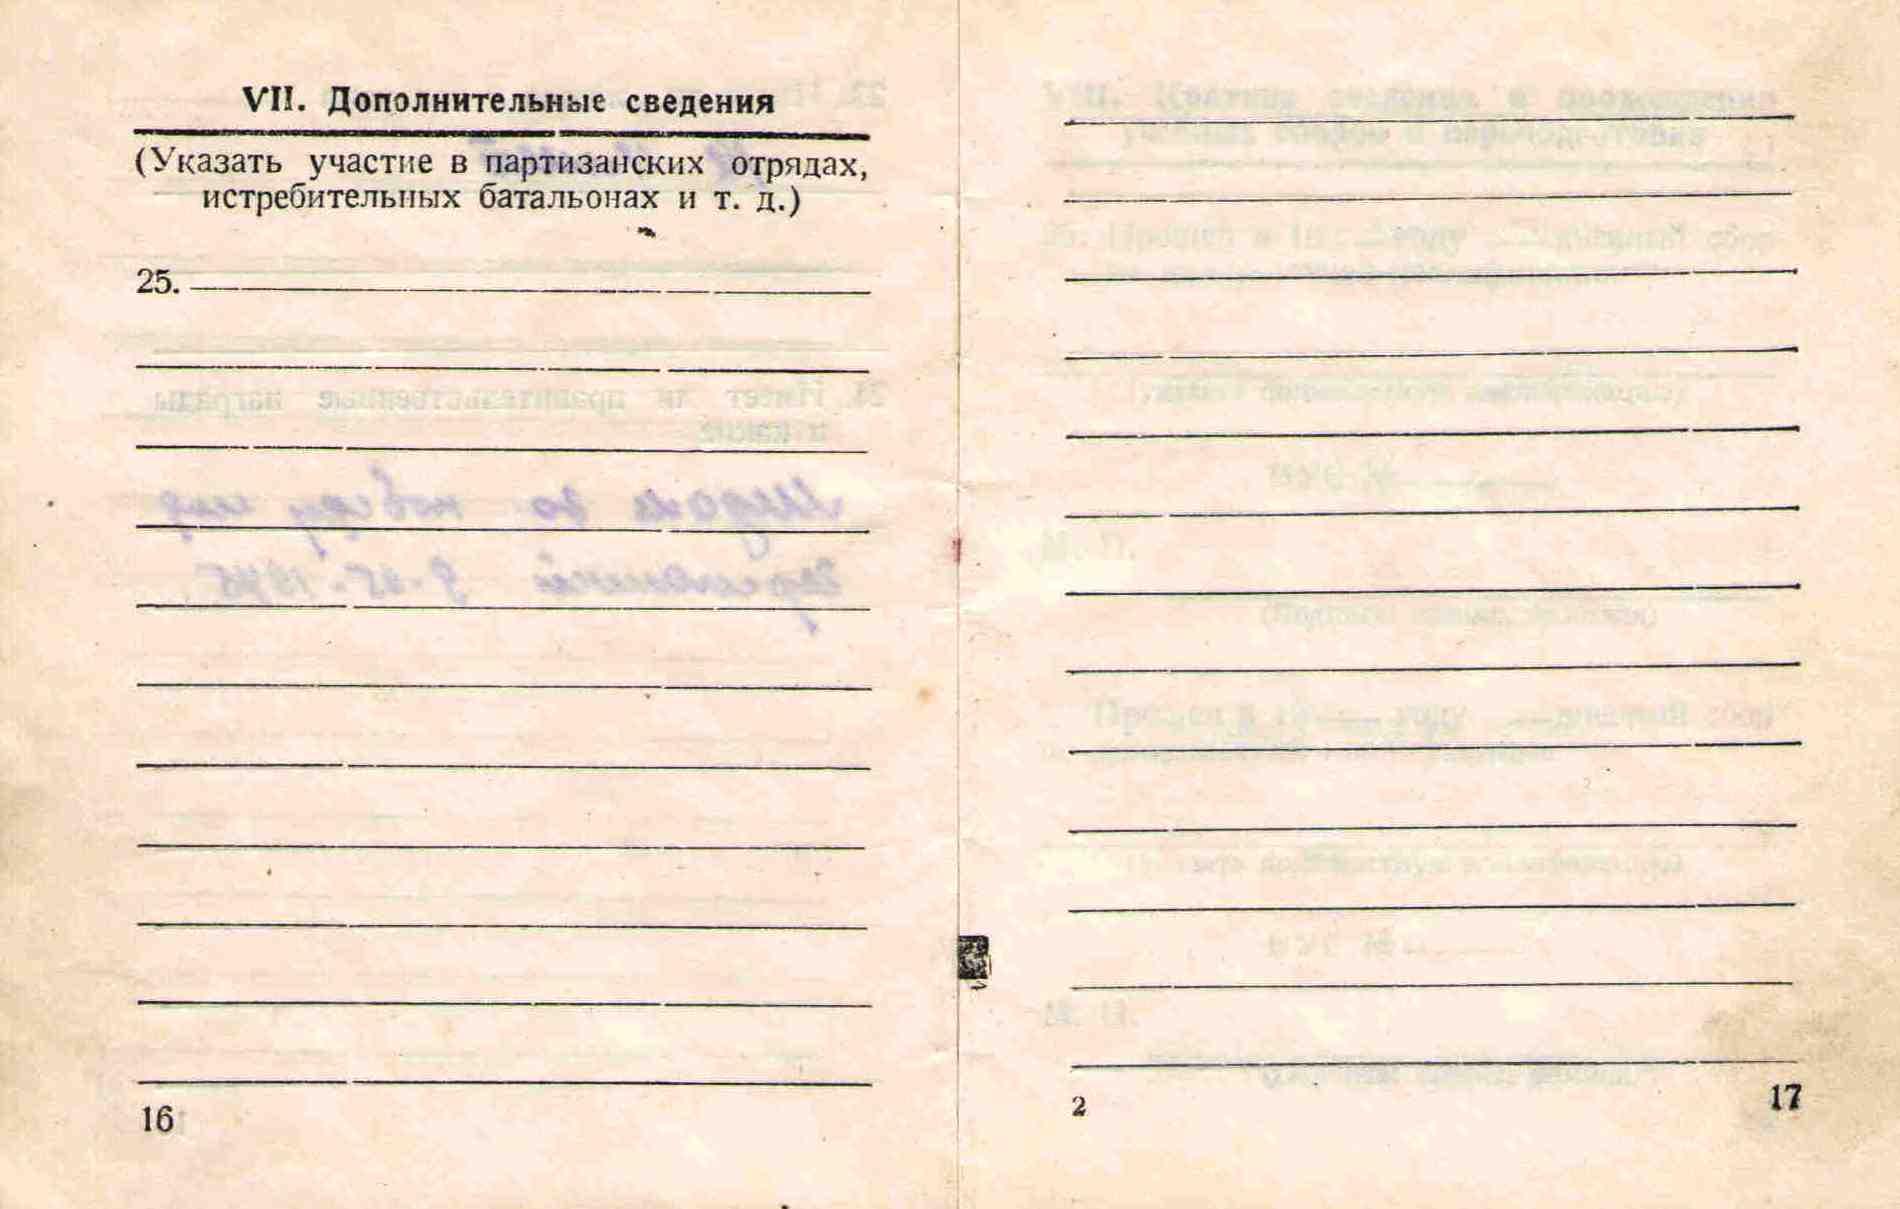 10. Военный билет Барыкина ПП,1948